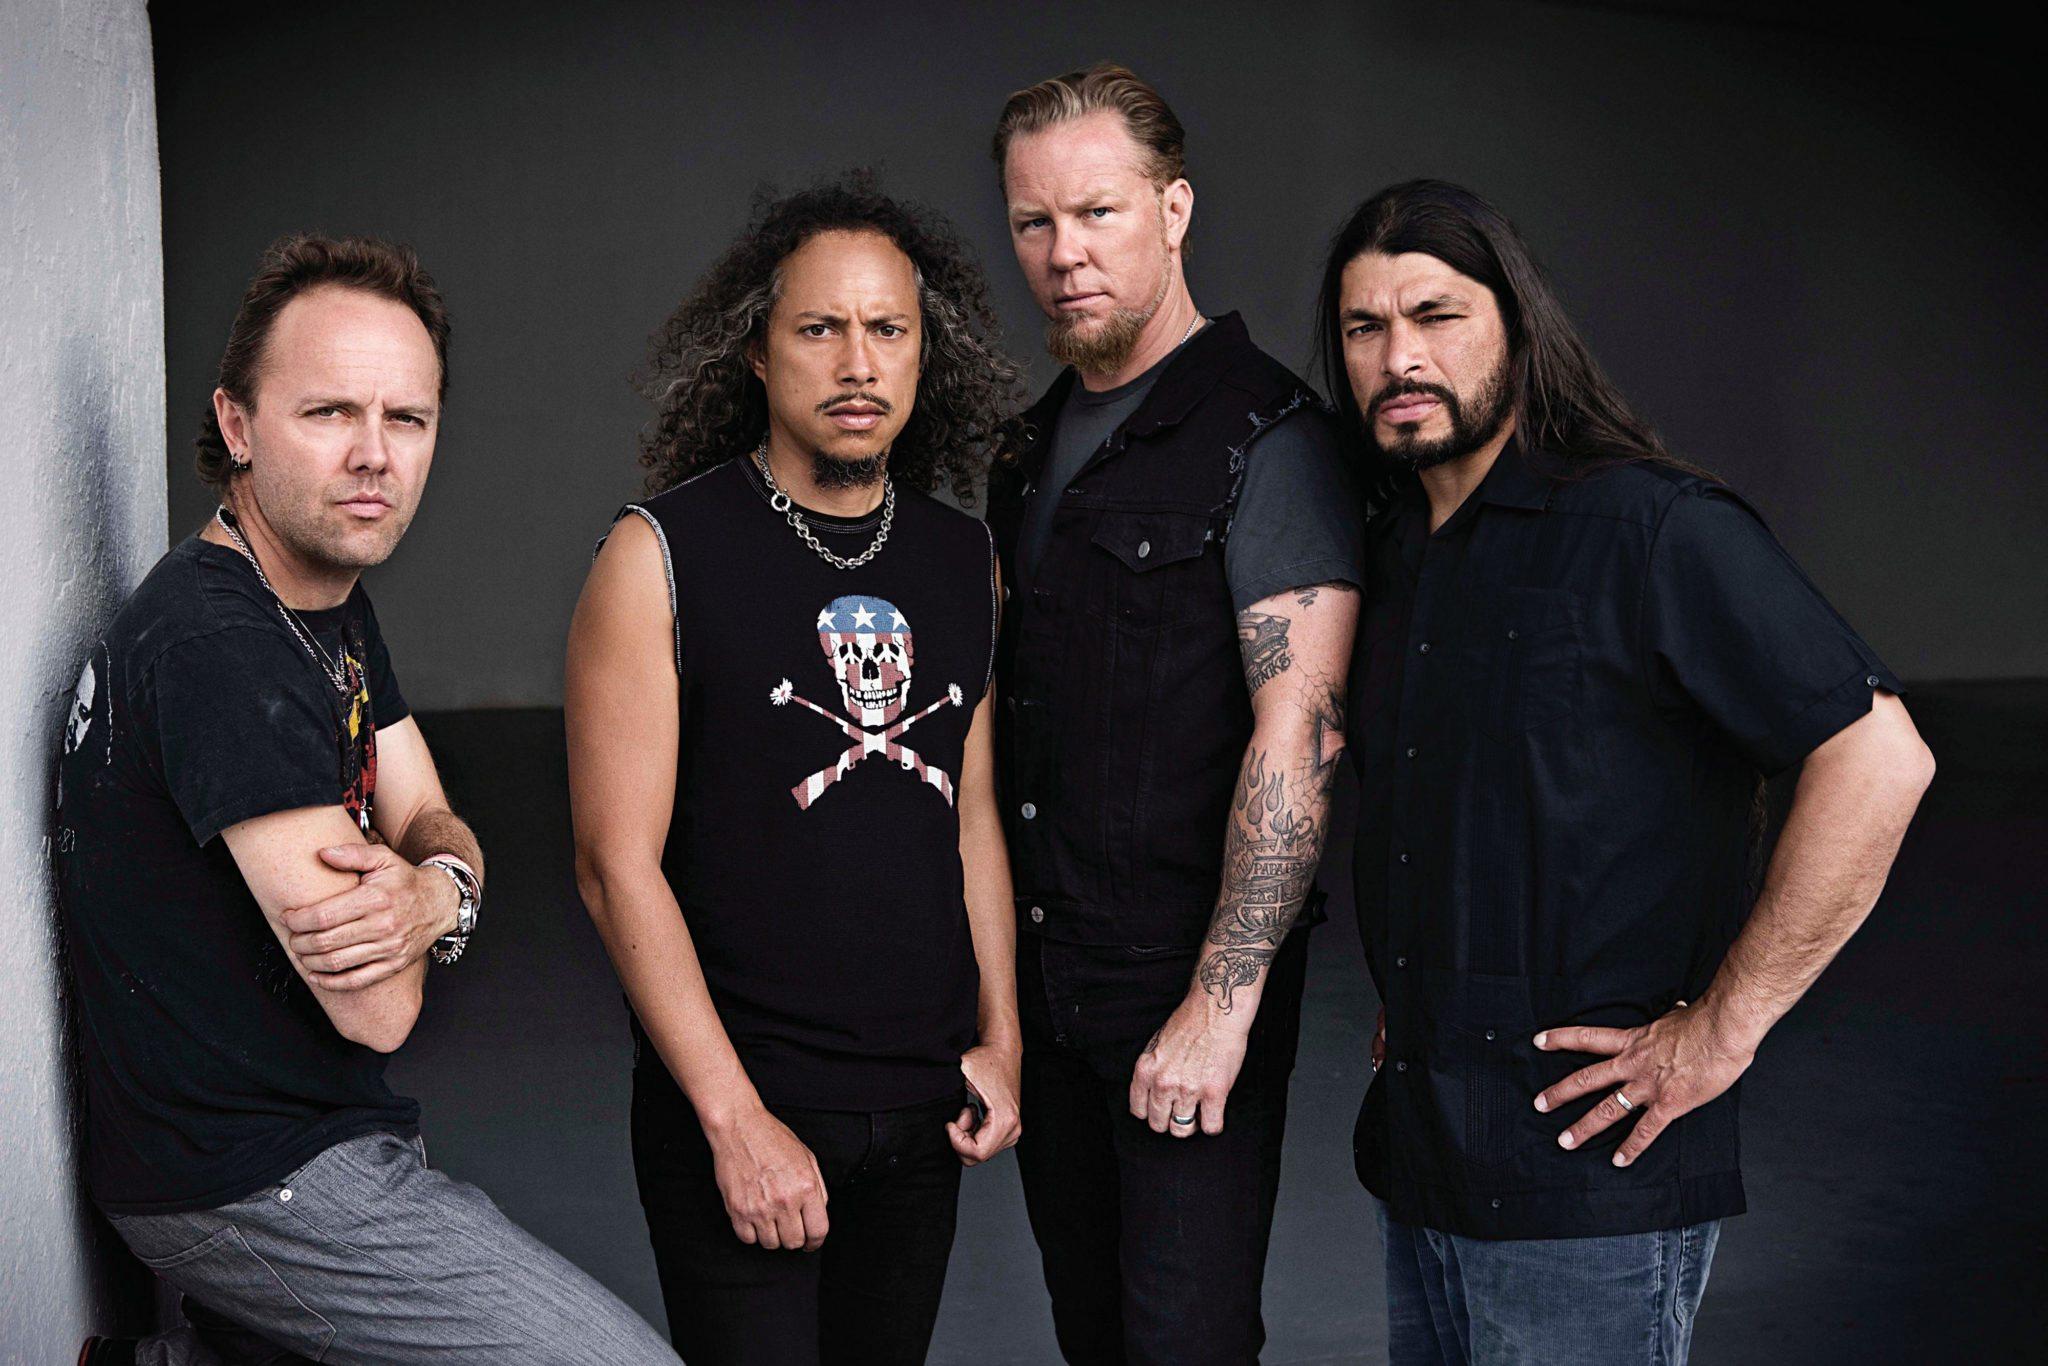 Metallica streamt volledig optreden